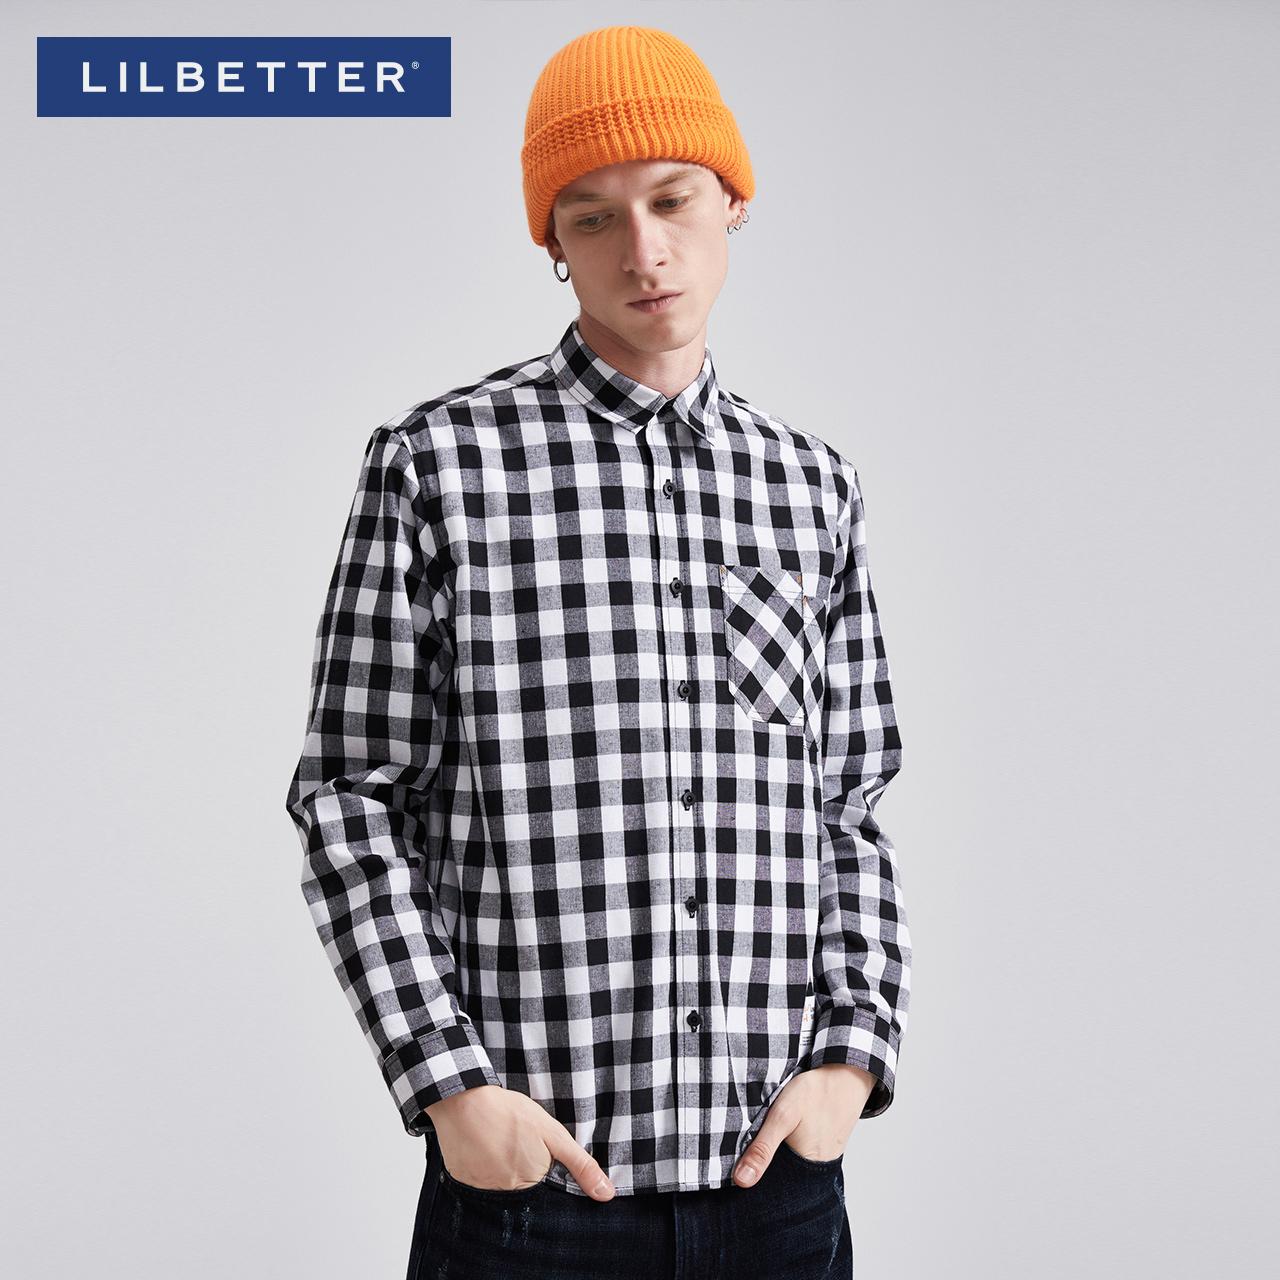 Lilbetter襯衣男 格紋帥氣尖領上衣 潮牌 男士格子襯衫